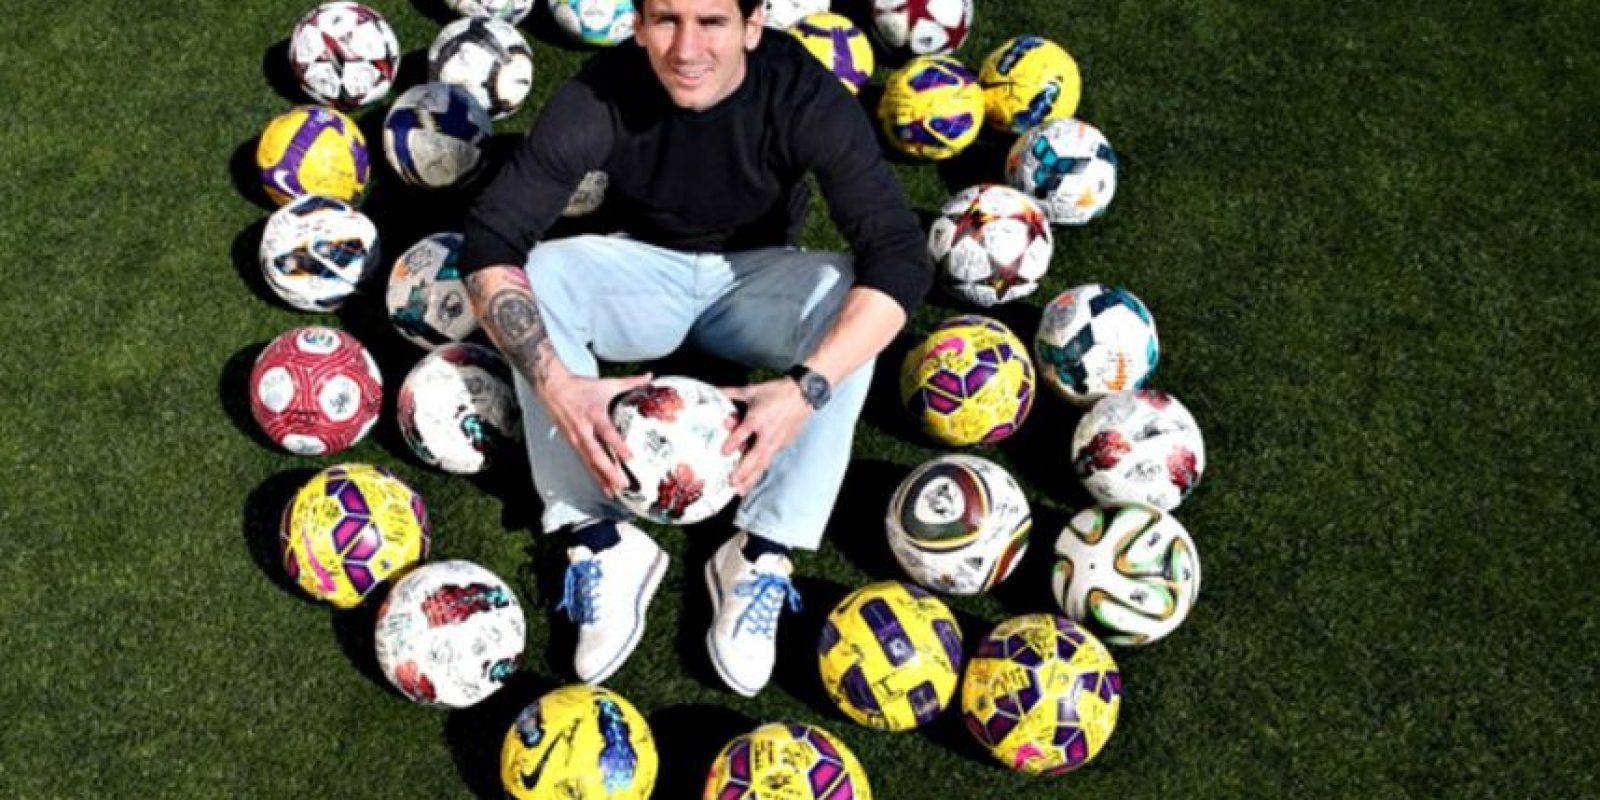 Hasta el 11 de abril de 2015, Lionel Messi sumaba 399 goles en partidos oficiales con el Barça. Foto:Vía fcbarcelona.es